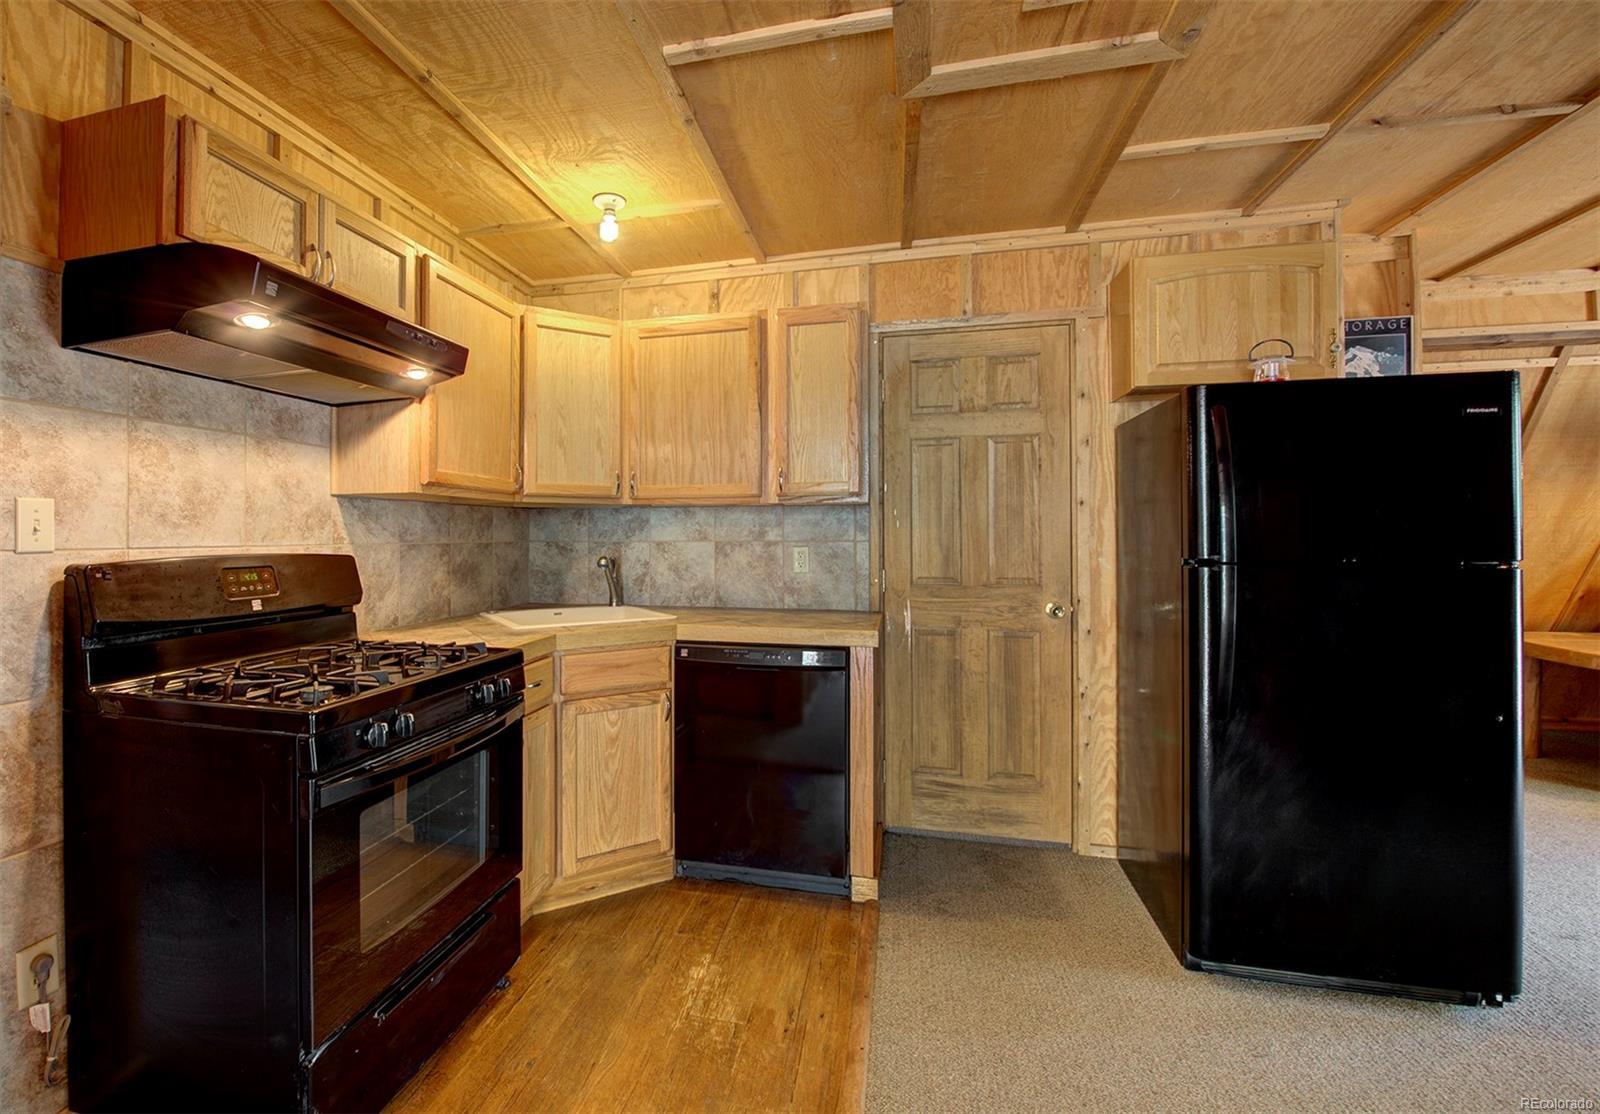 Kitchenette of barn